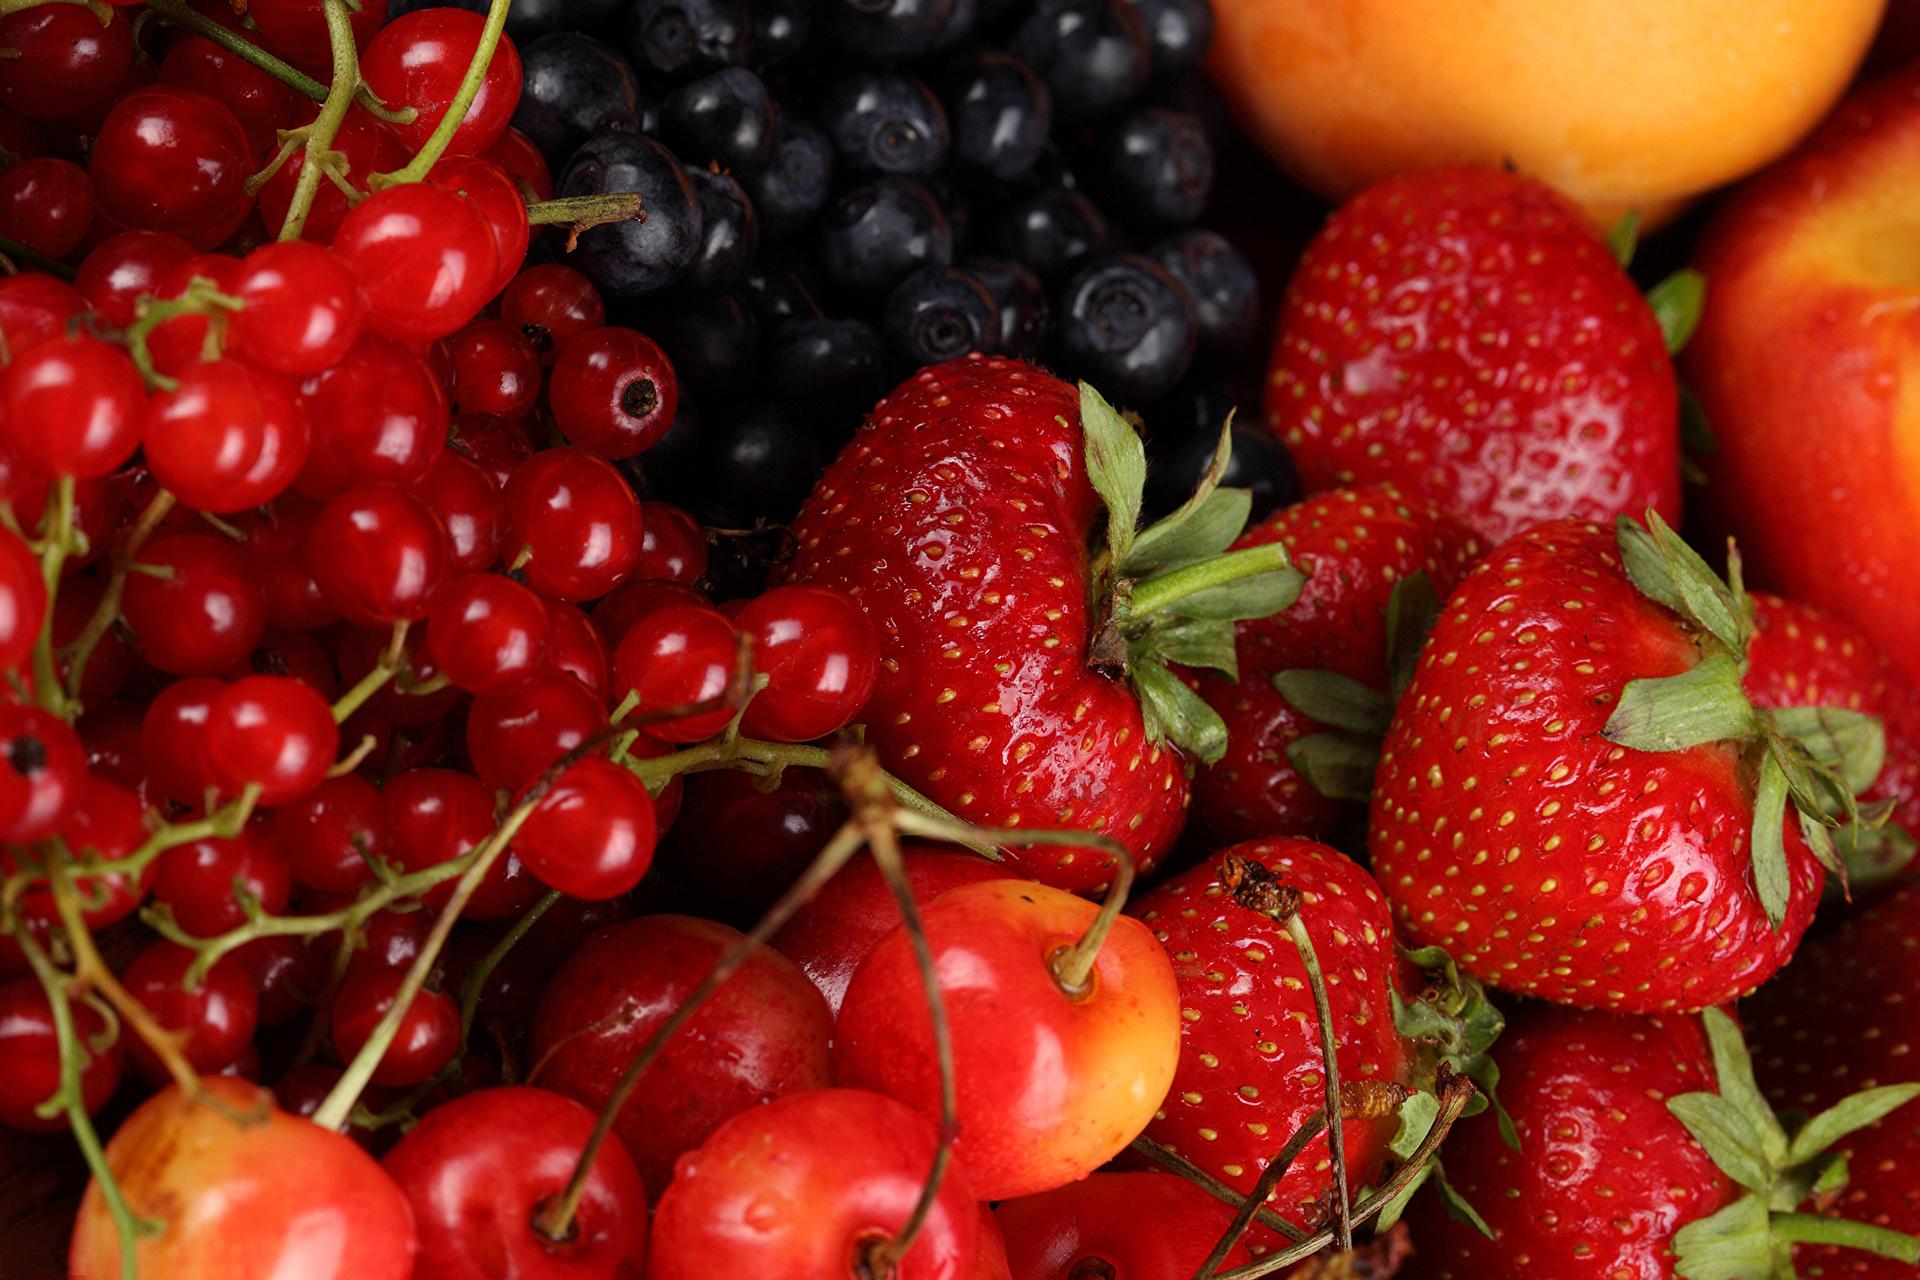 годи и череши - любимите ми пролетно-летни плодове